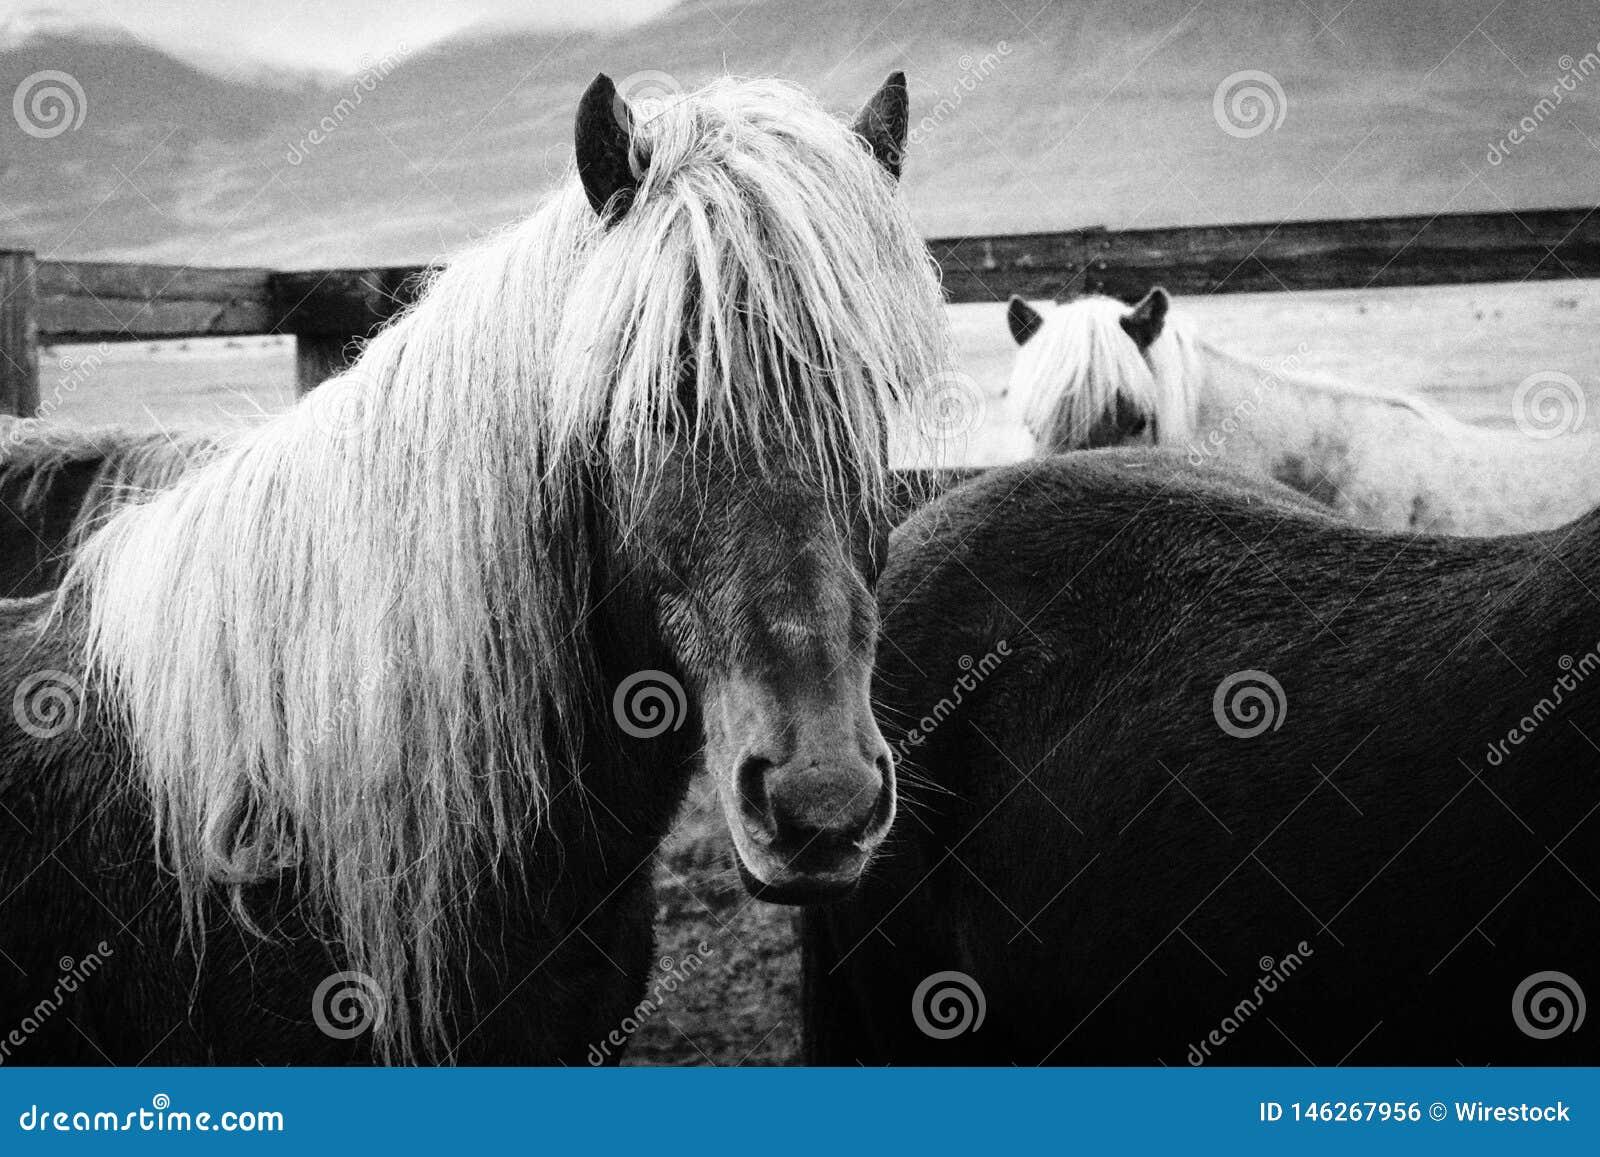 美丽的长发野马近景